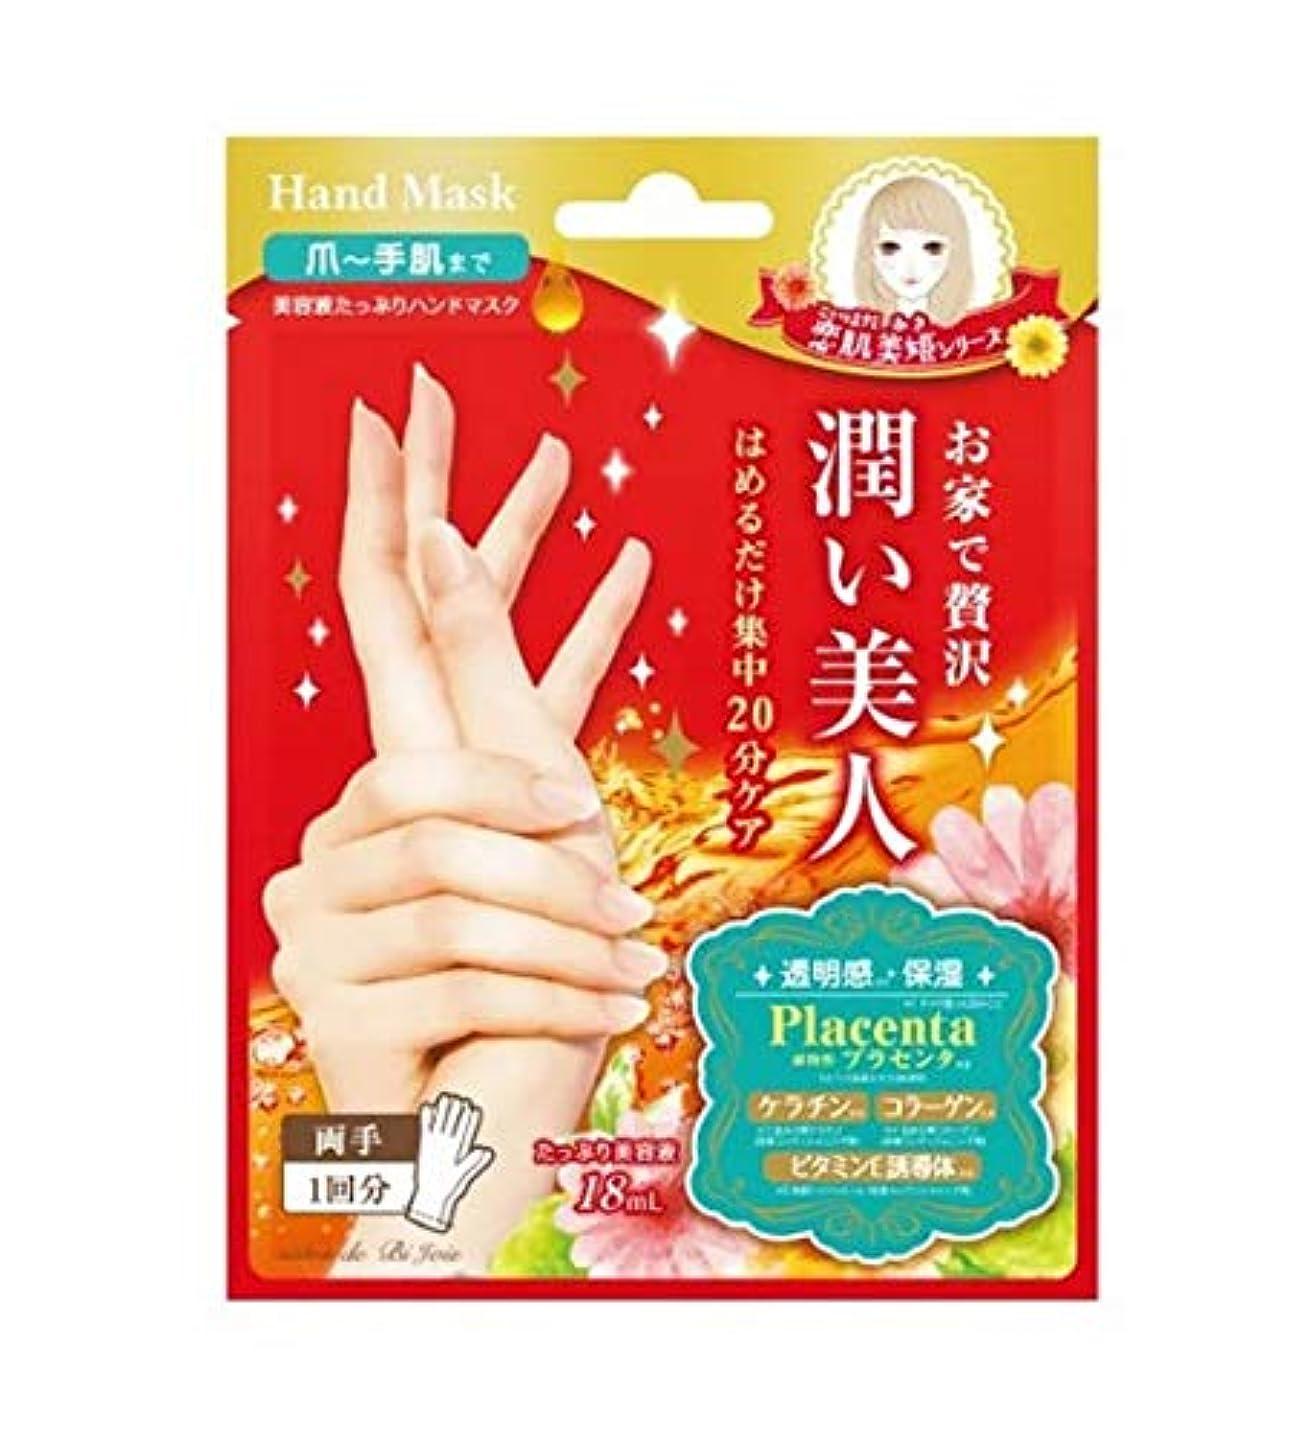 さまよう全国疑問を超えてBJ潤いハンドマスク BSH301 1ケース360個入り まとめ買い 美容 美容液 手 指先 爪 ハンドケア ネイルケア 一体型タイプ はめるだけ 潤い しっとり やわらか 透明感 保湿 キレイ Hand Mask ビューティーワールド...